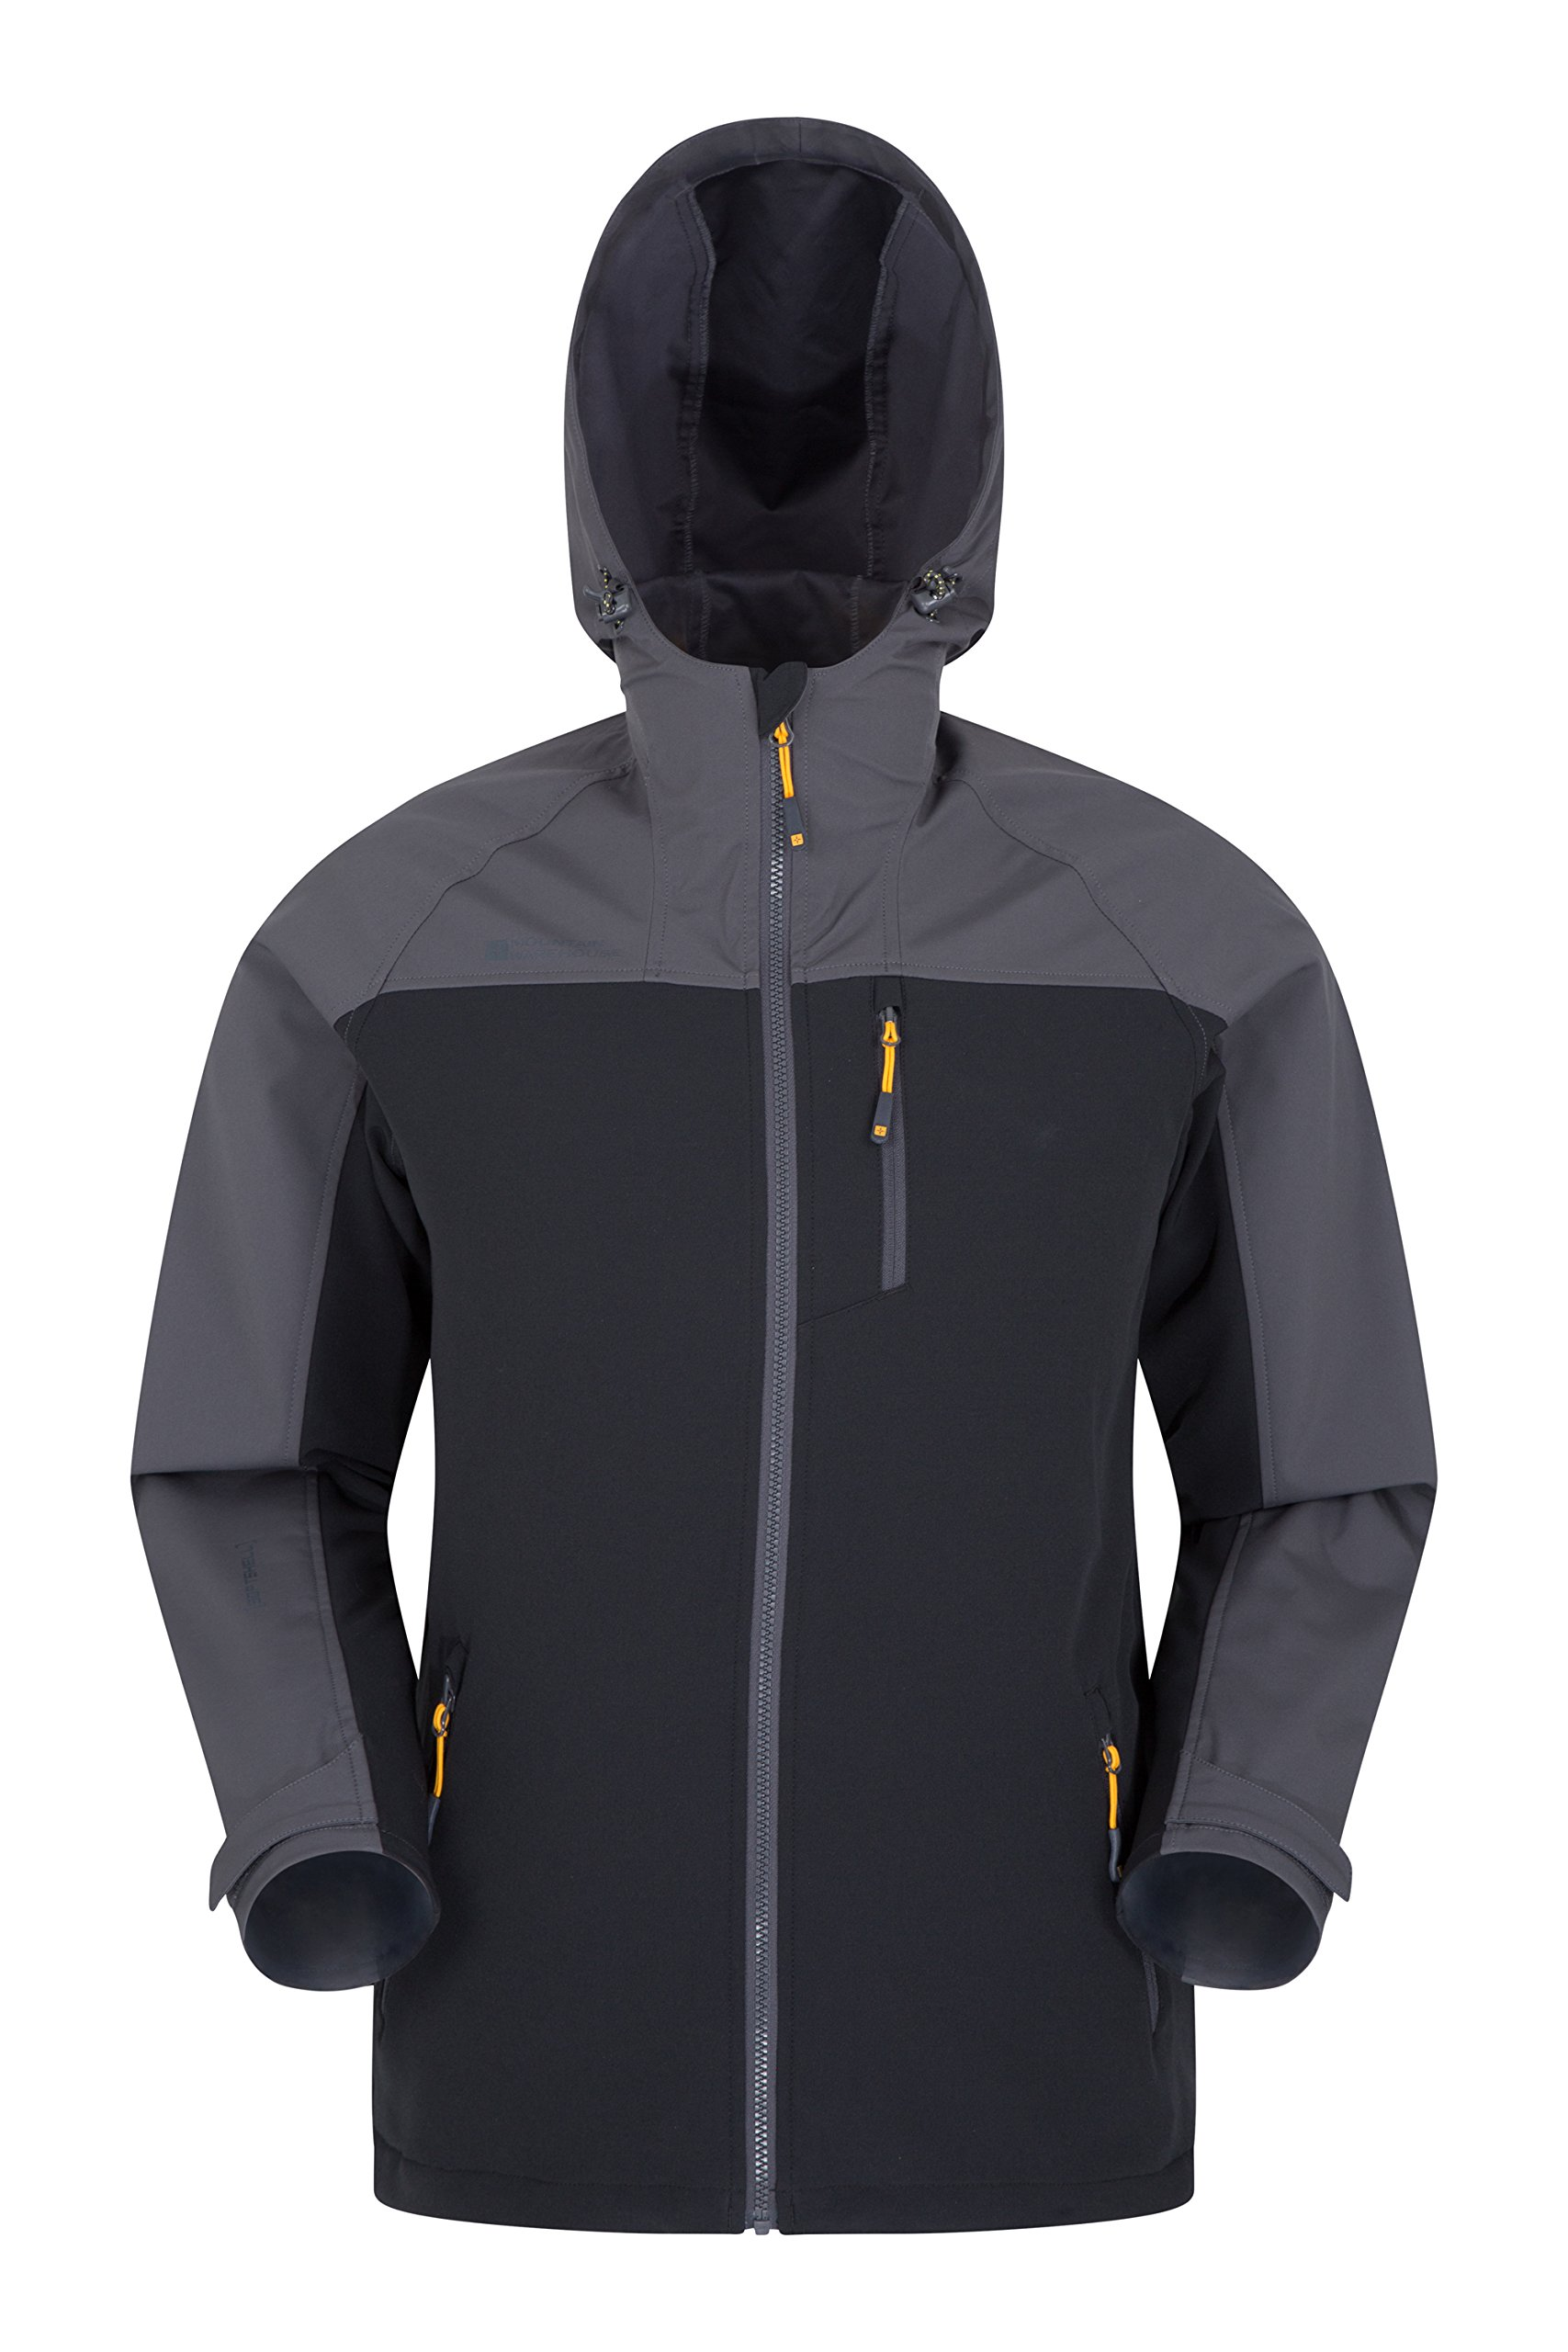 Mountain Warehouse Whirlwind Mens Softshell Jacket - Summer Rain Coat Black Large